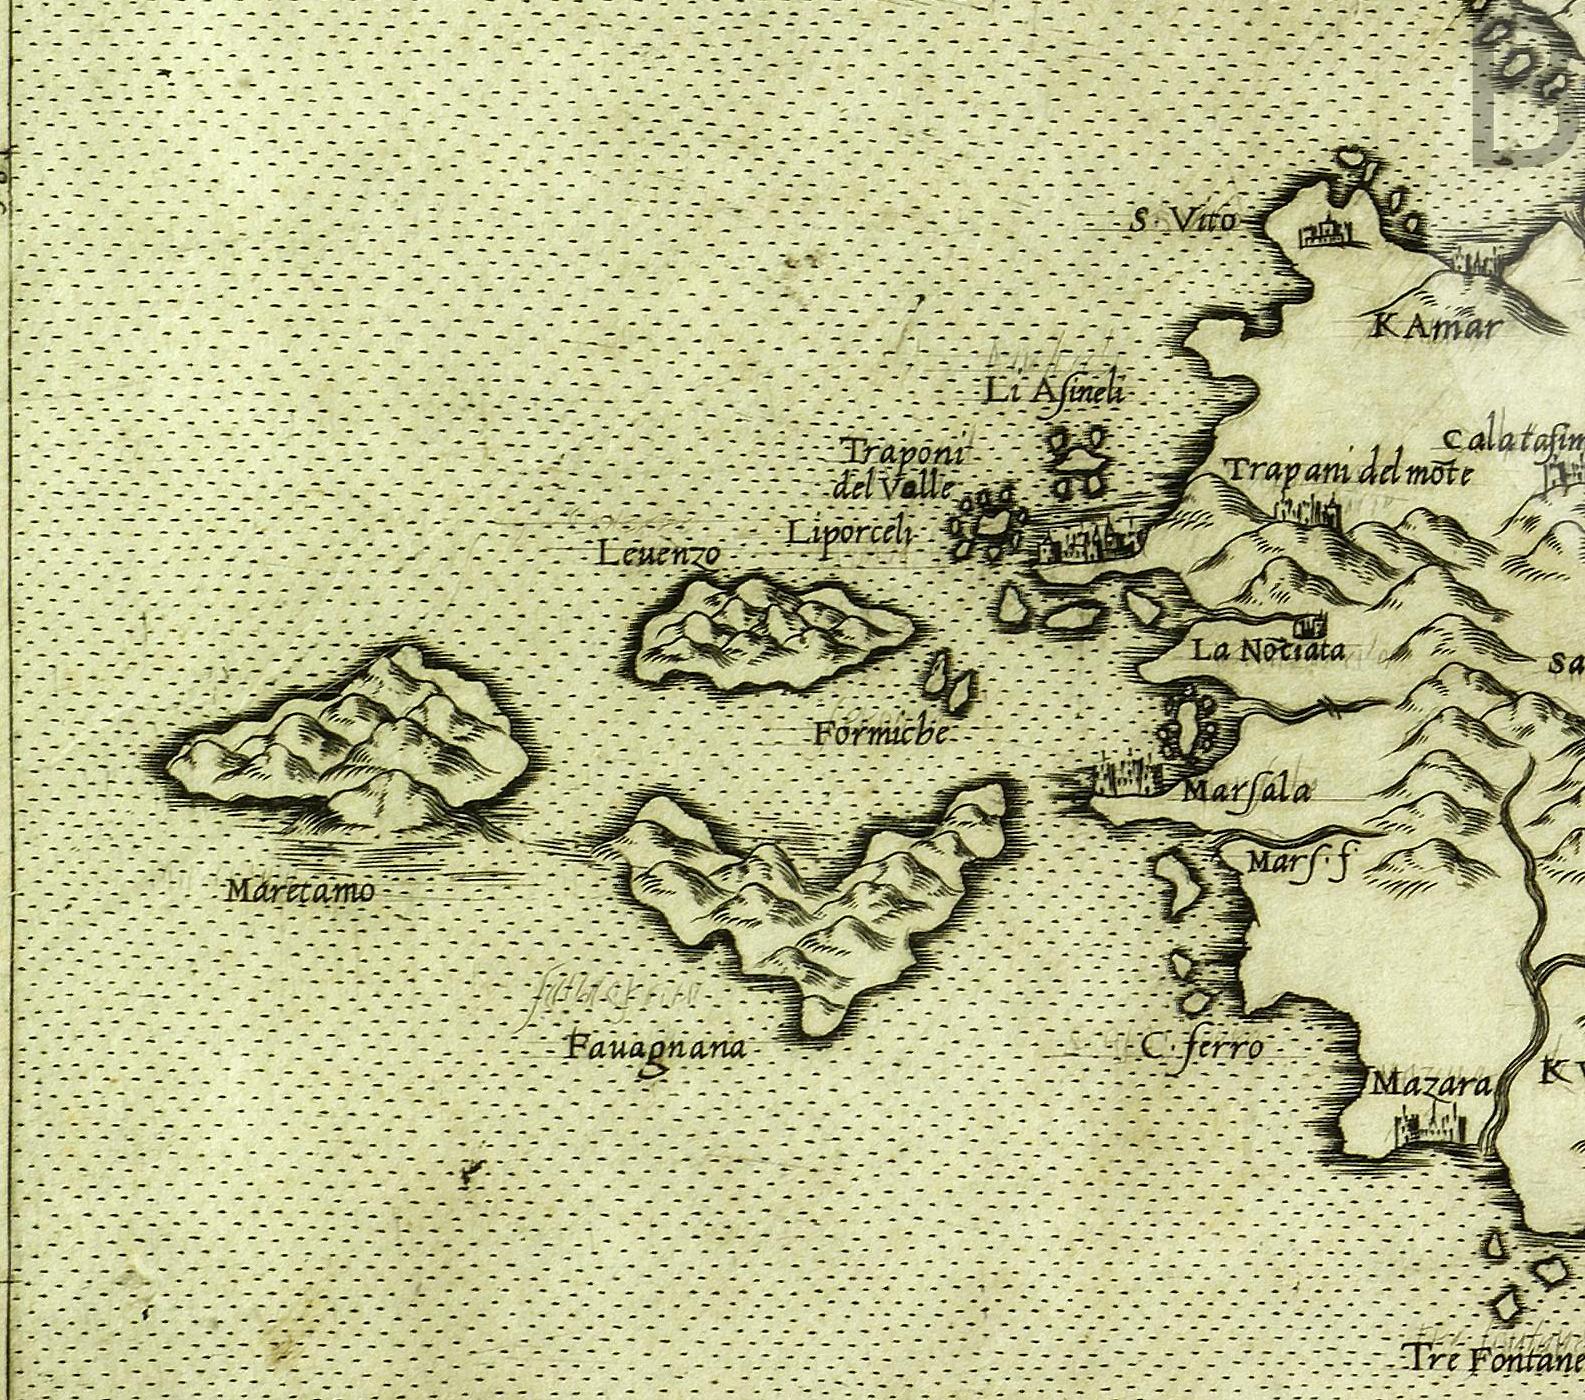 foto Sicilia insularum omnium (ut inquit Diodorus), optima, et Mediterranei Maris maxima.